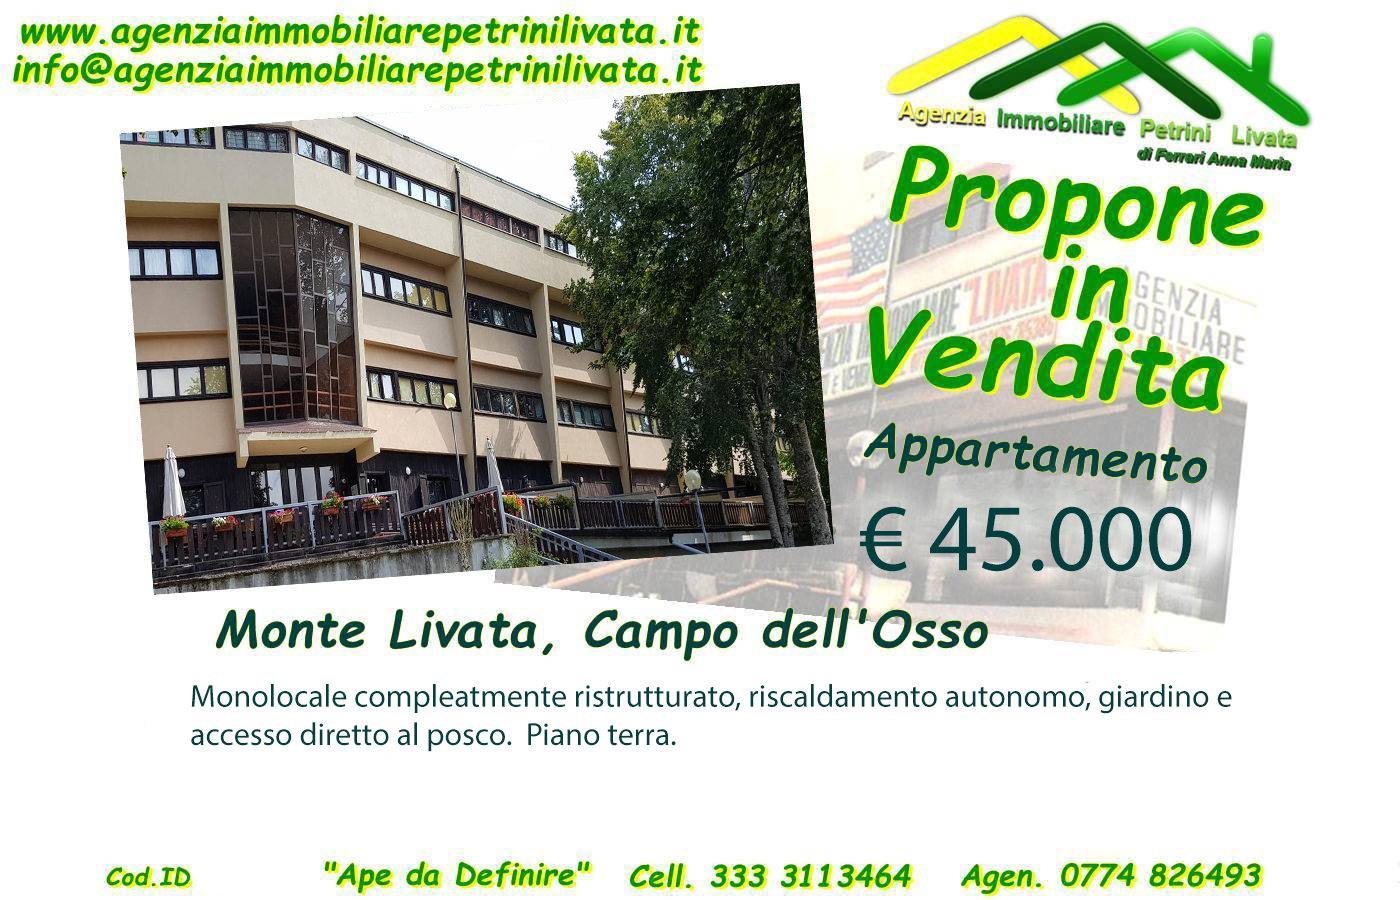 App.to Campo dell'Osso 35 mq (Cod.Id 294)